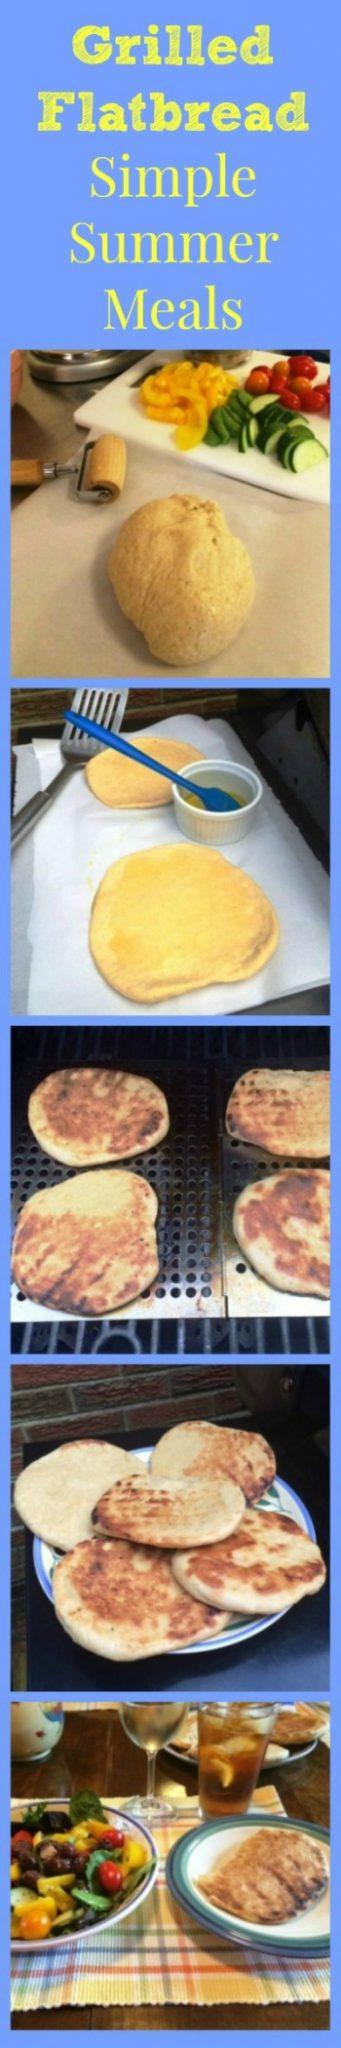 Flatbread collage 3